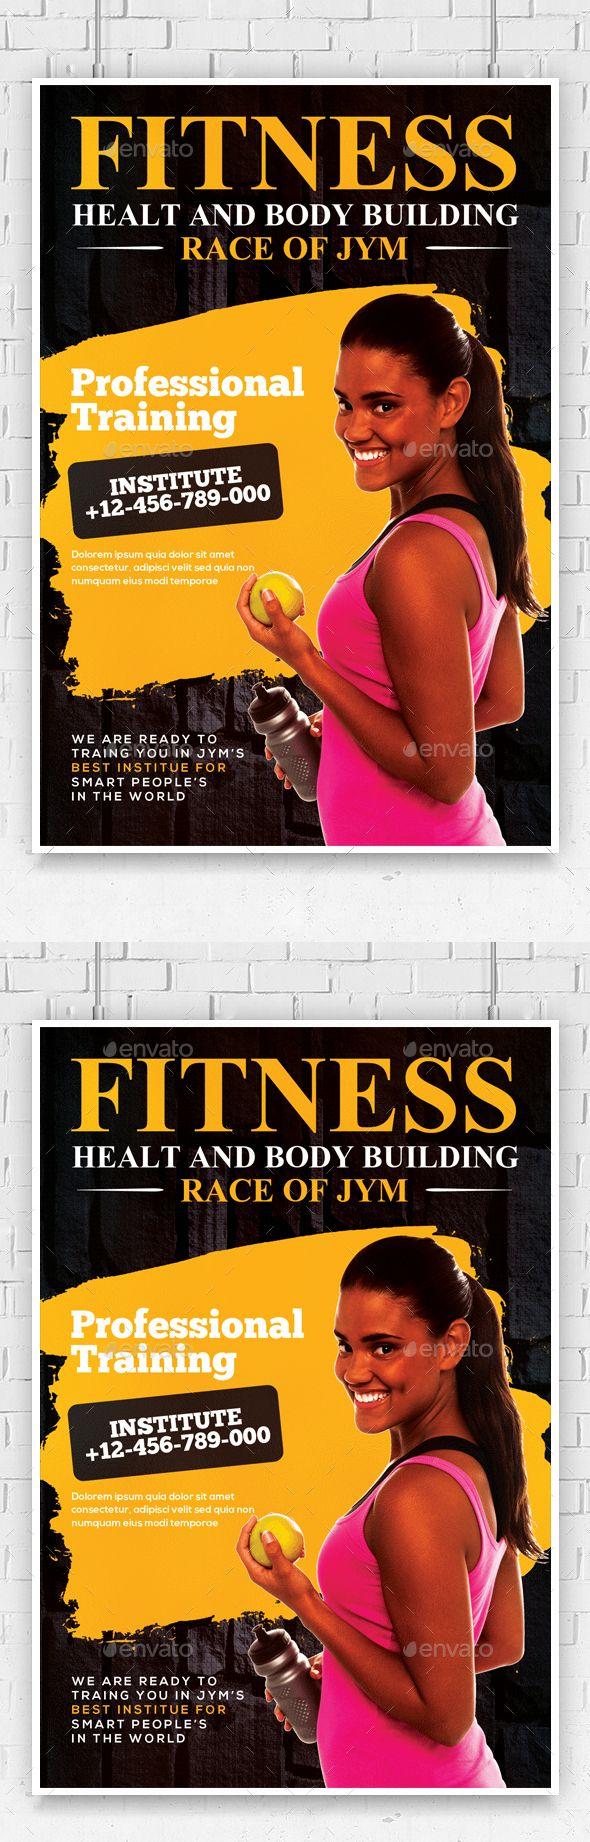 Best Leaflet Design Images On   Facebook Flyer Design